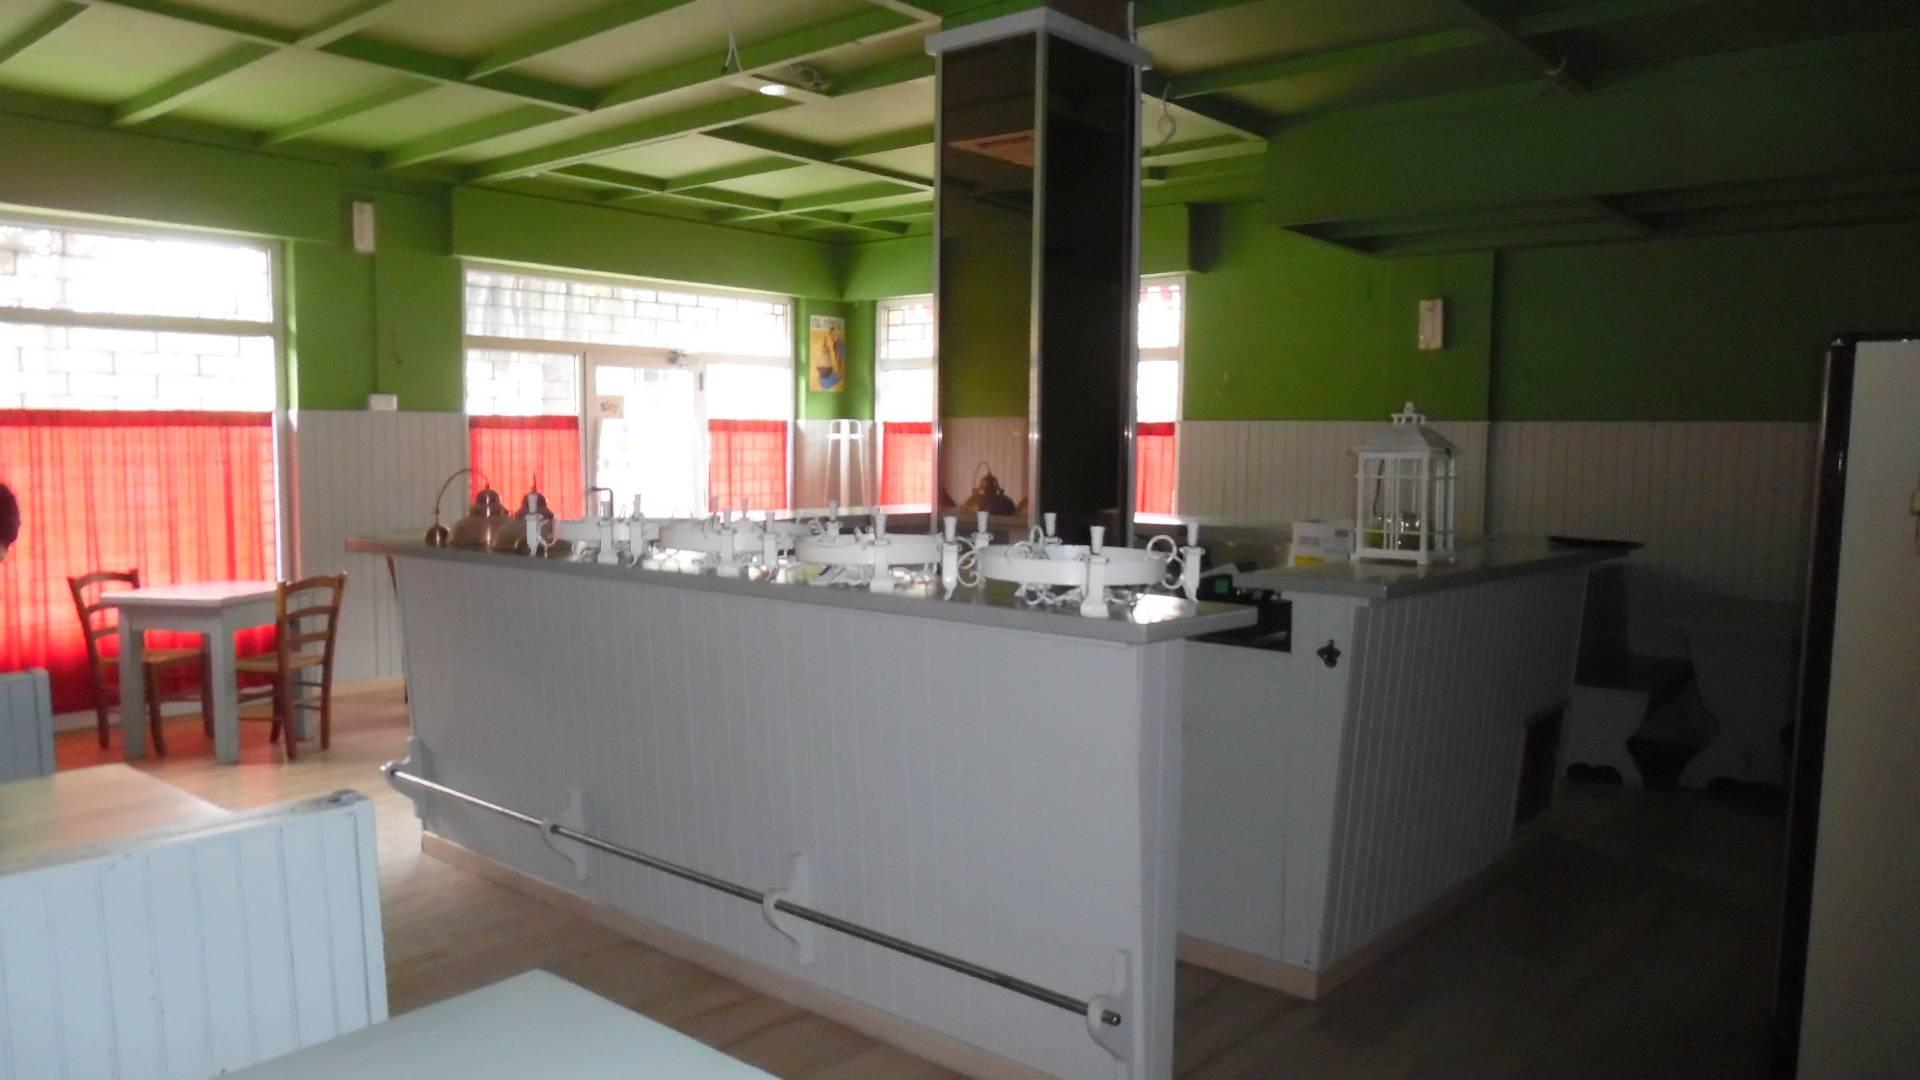 Attività / Licenza in vendita a San Benedetto del Tronto, 9999 locali, zona Località: ZonaAscolani, prezzo € 35.000   Cambio Casa.it